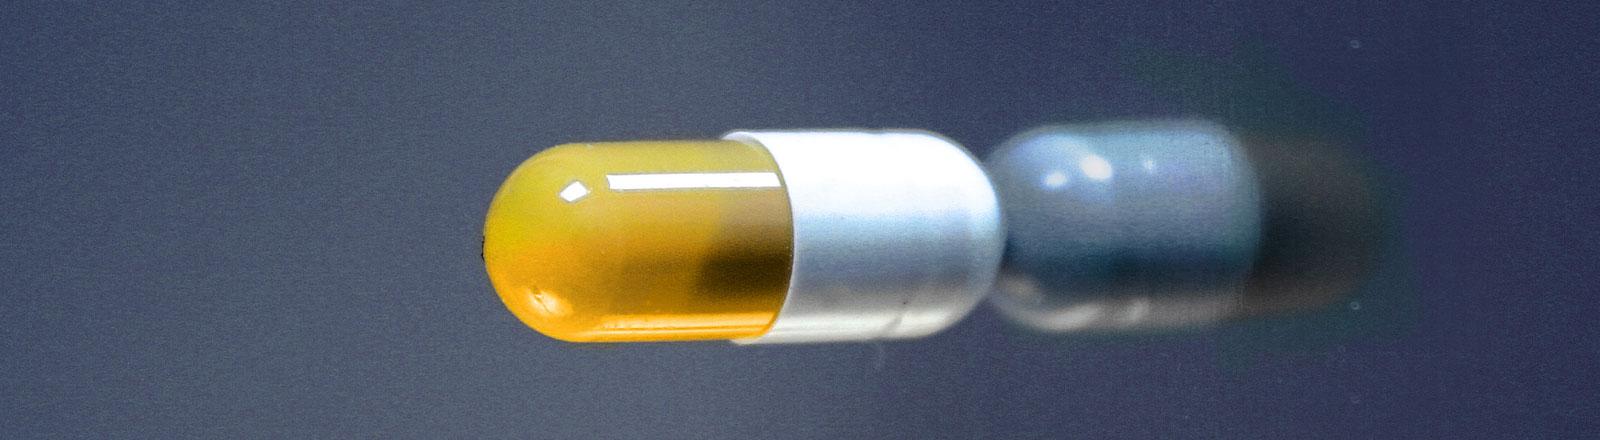 Eine Pille